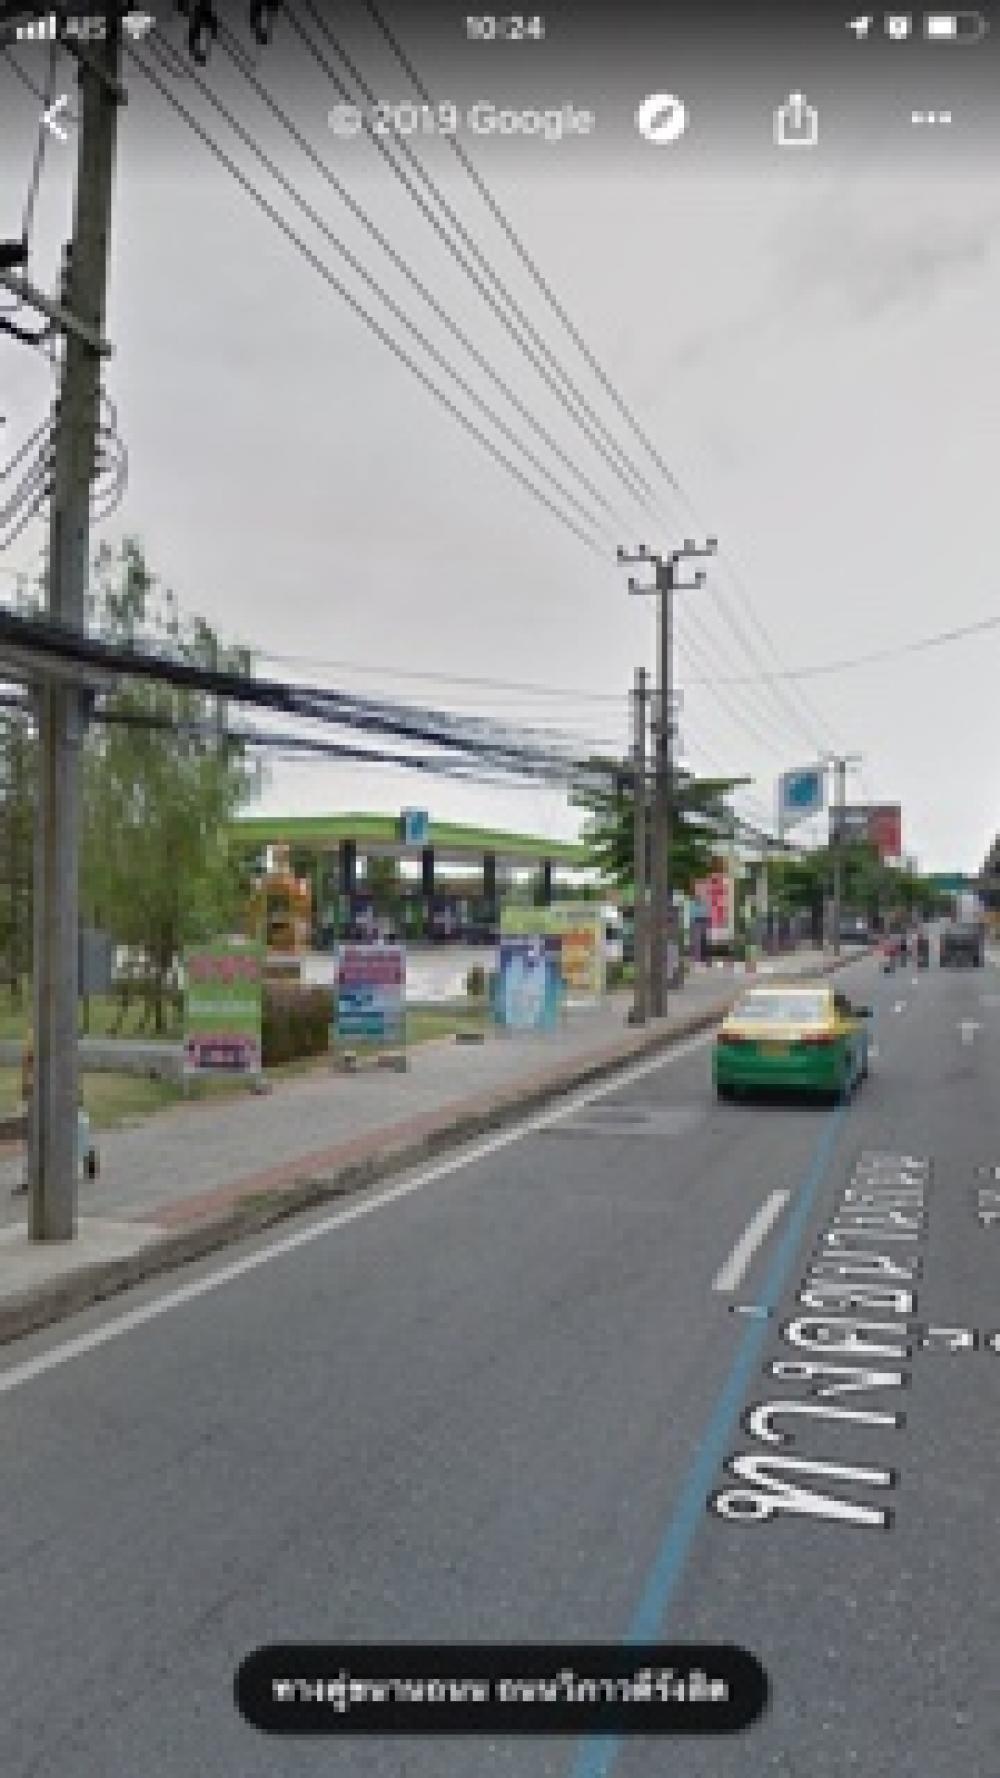 เช่าที่ดินวิภาวดี ดอนเมือง หลักสี่ : ให้เช่าที่ดิน 2 ไร่ พร้อมโรงเรือนออฟฟิตและบ้านพักพนักงาน ใกล้สนามบินดอนเมือง(ห่างถนนวิภาวดีรังสิต 150 เมตร) หรือแบ่งเช่า( Land for rent 2 rai near Donmuang Airport )